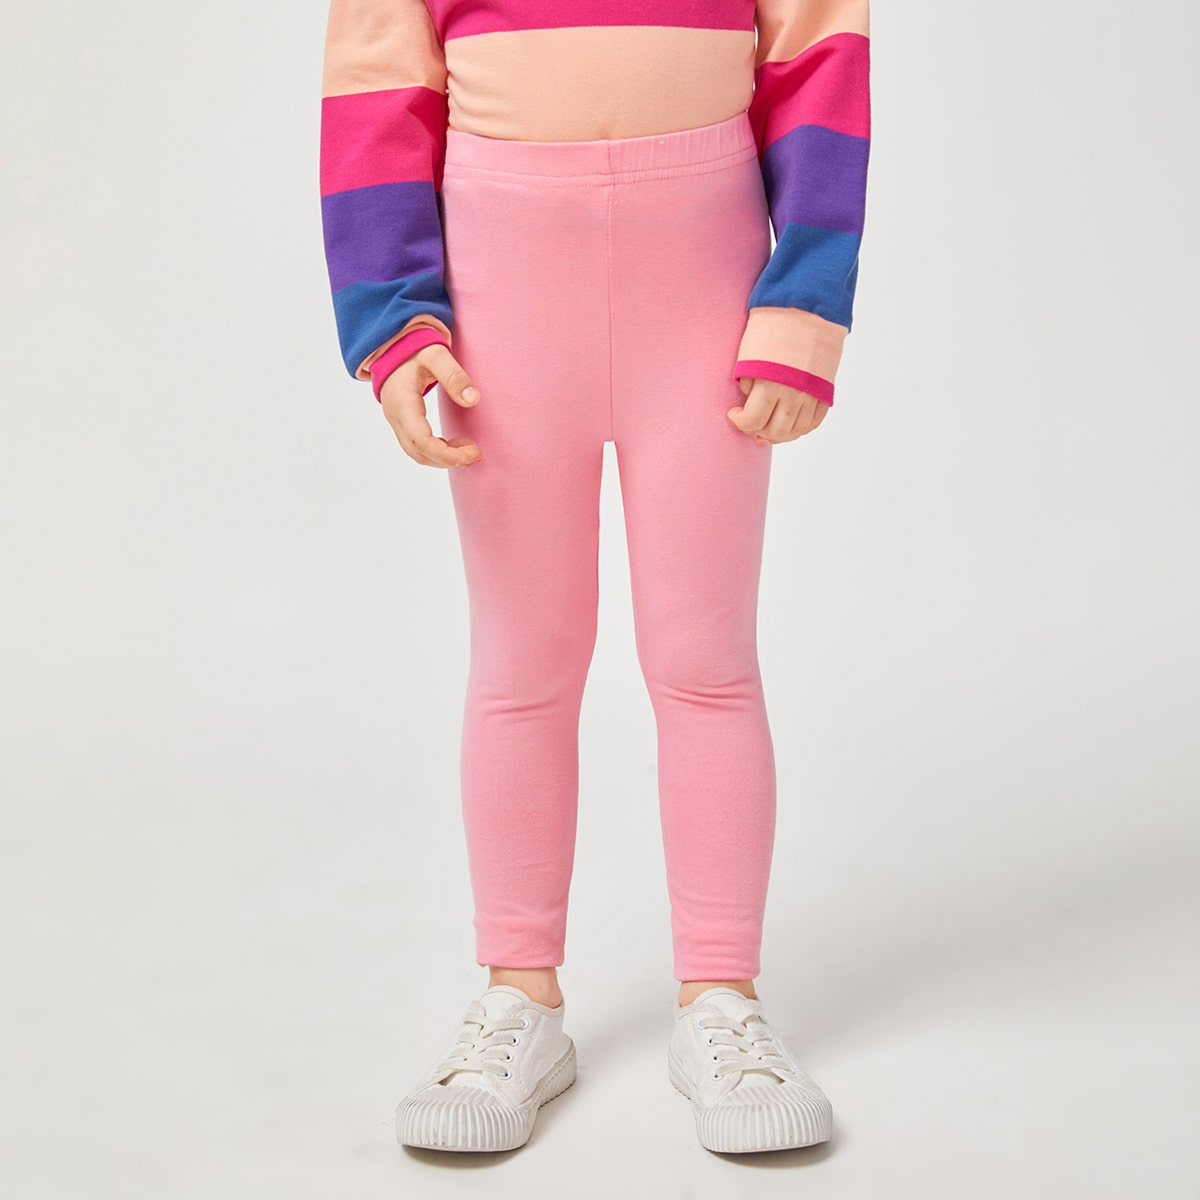 Одноцветный Повседневный Леггинсы для девочек